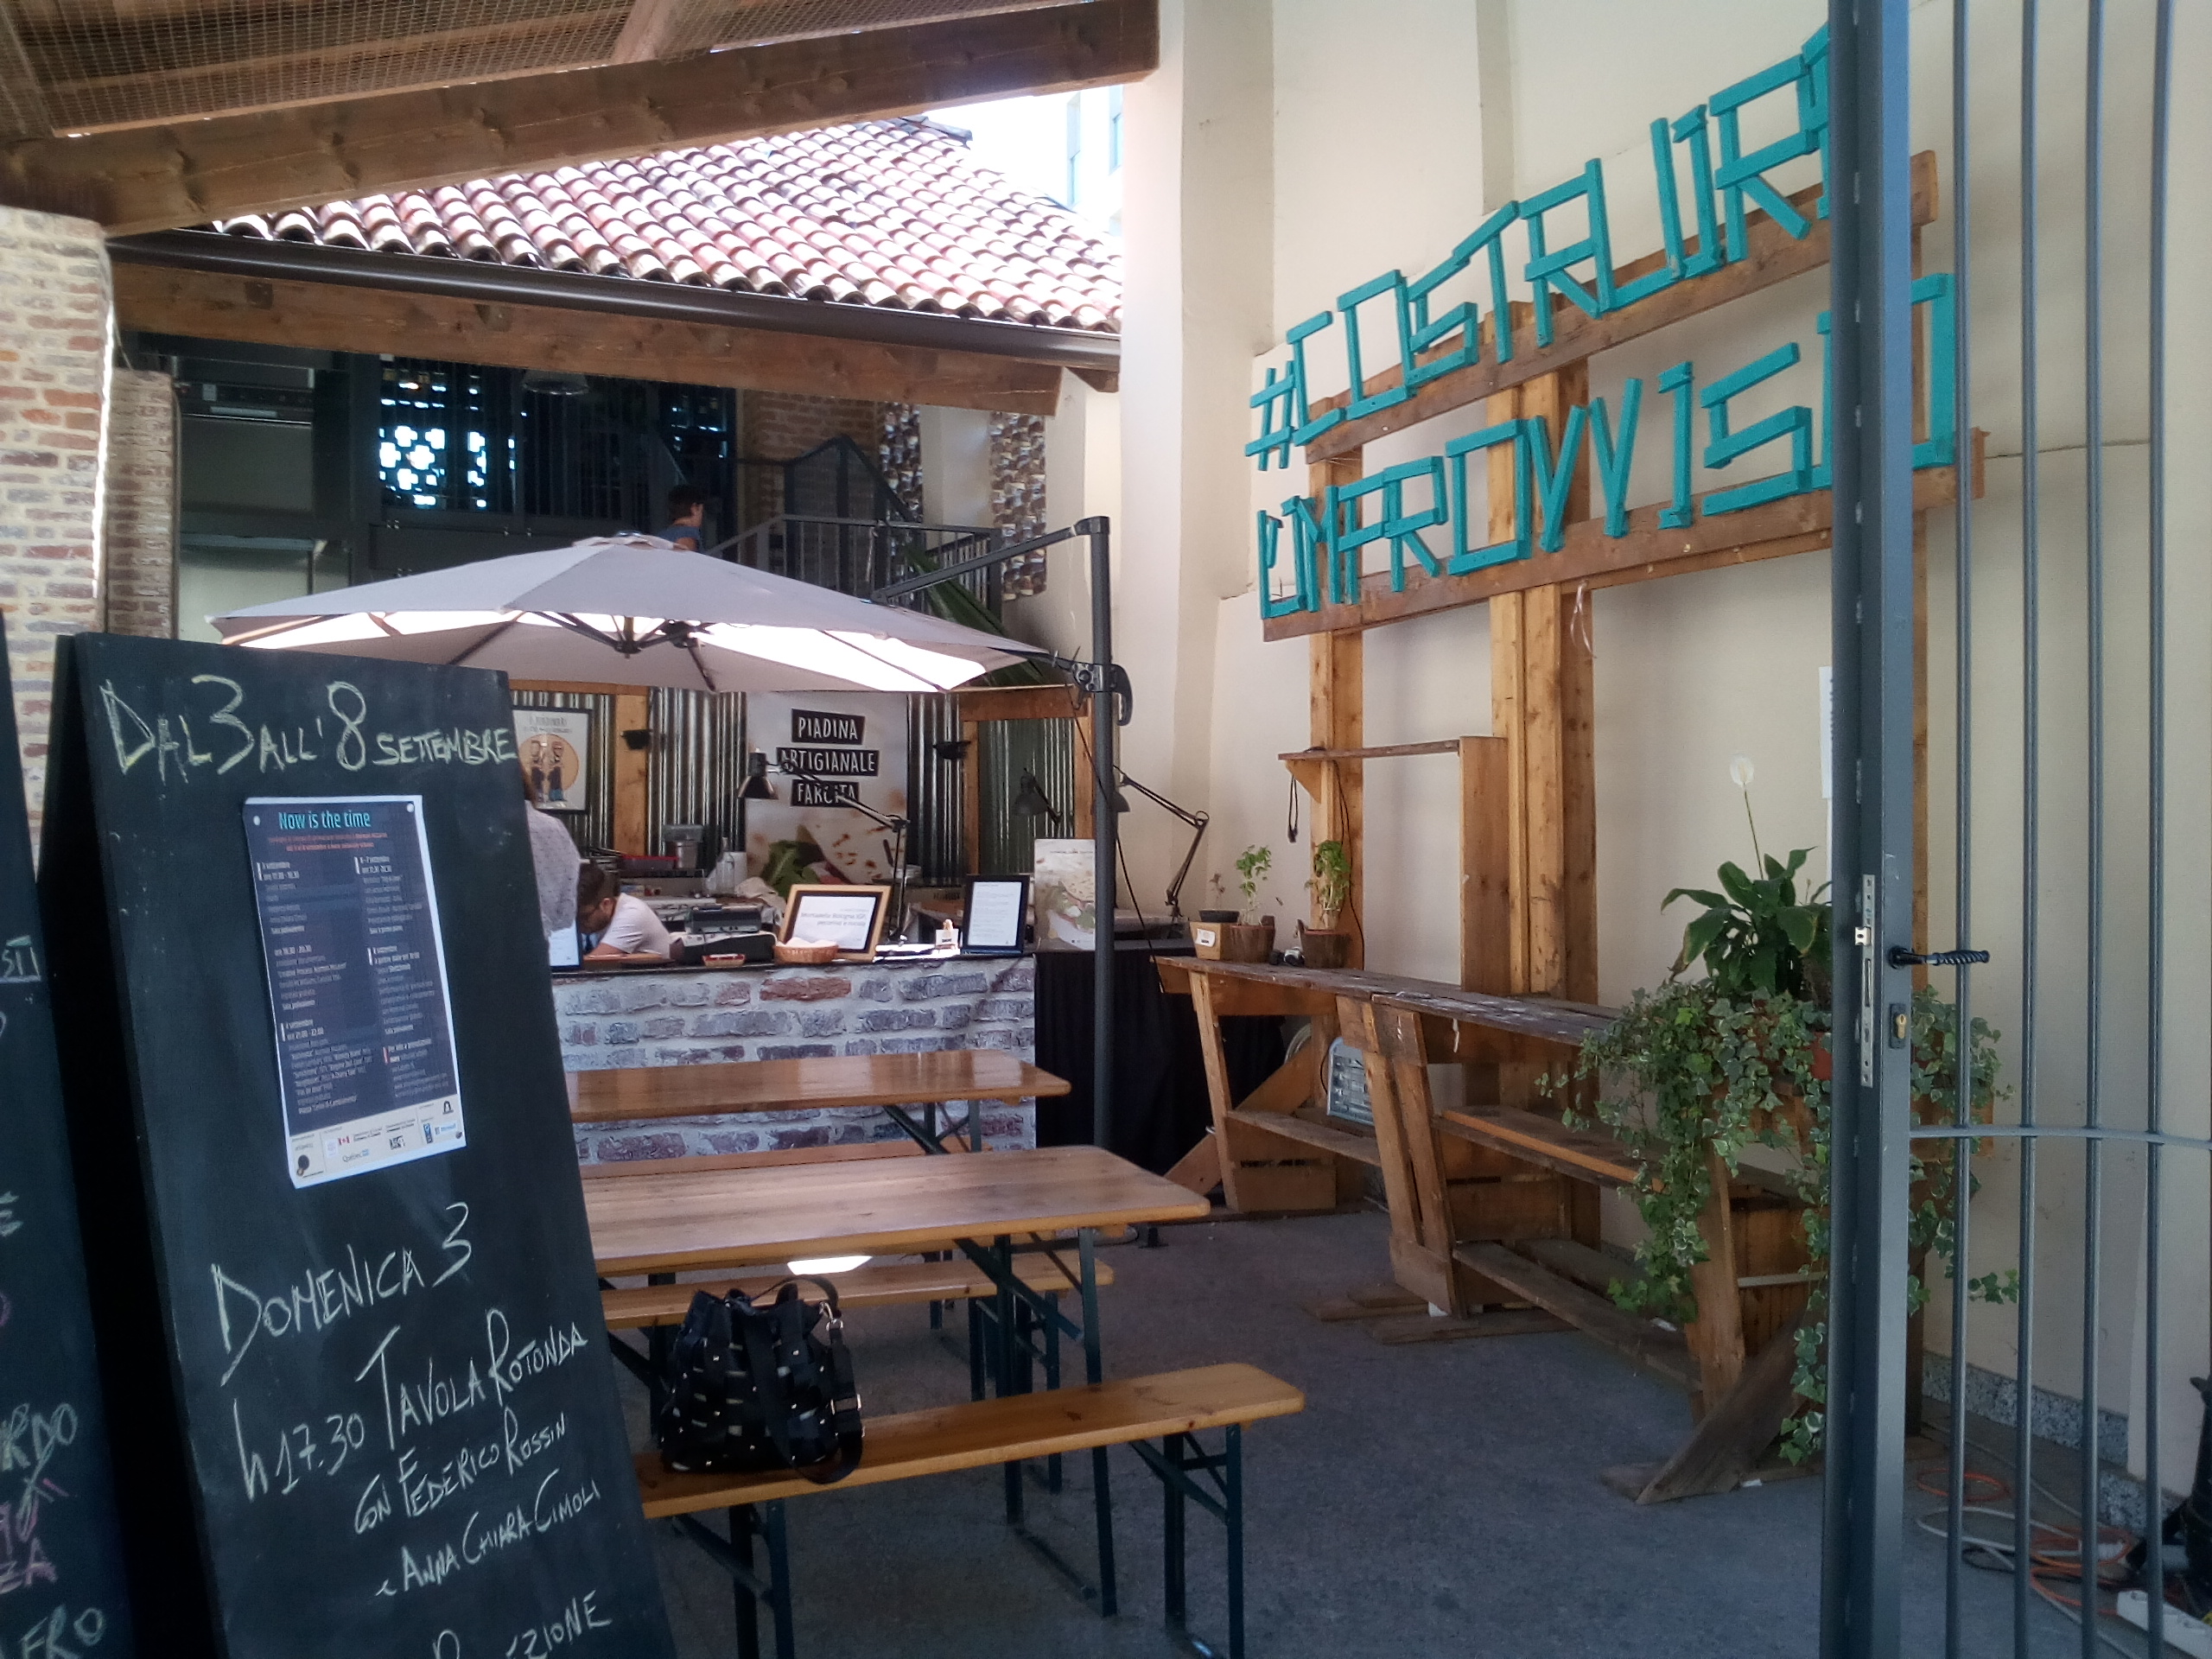 piadineria di Cascina Torrette di Trenno, Mare culturale Urbano